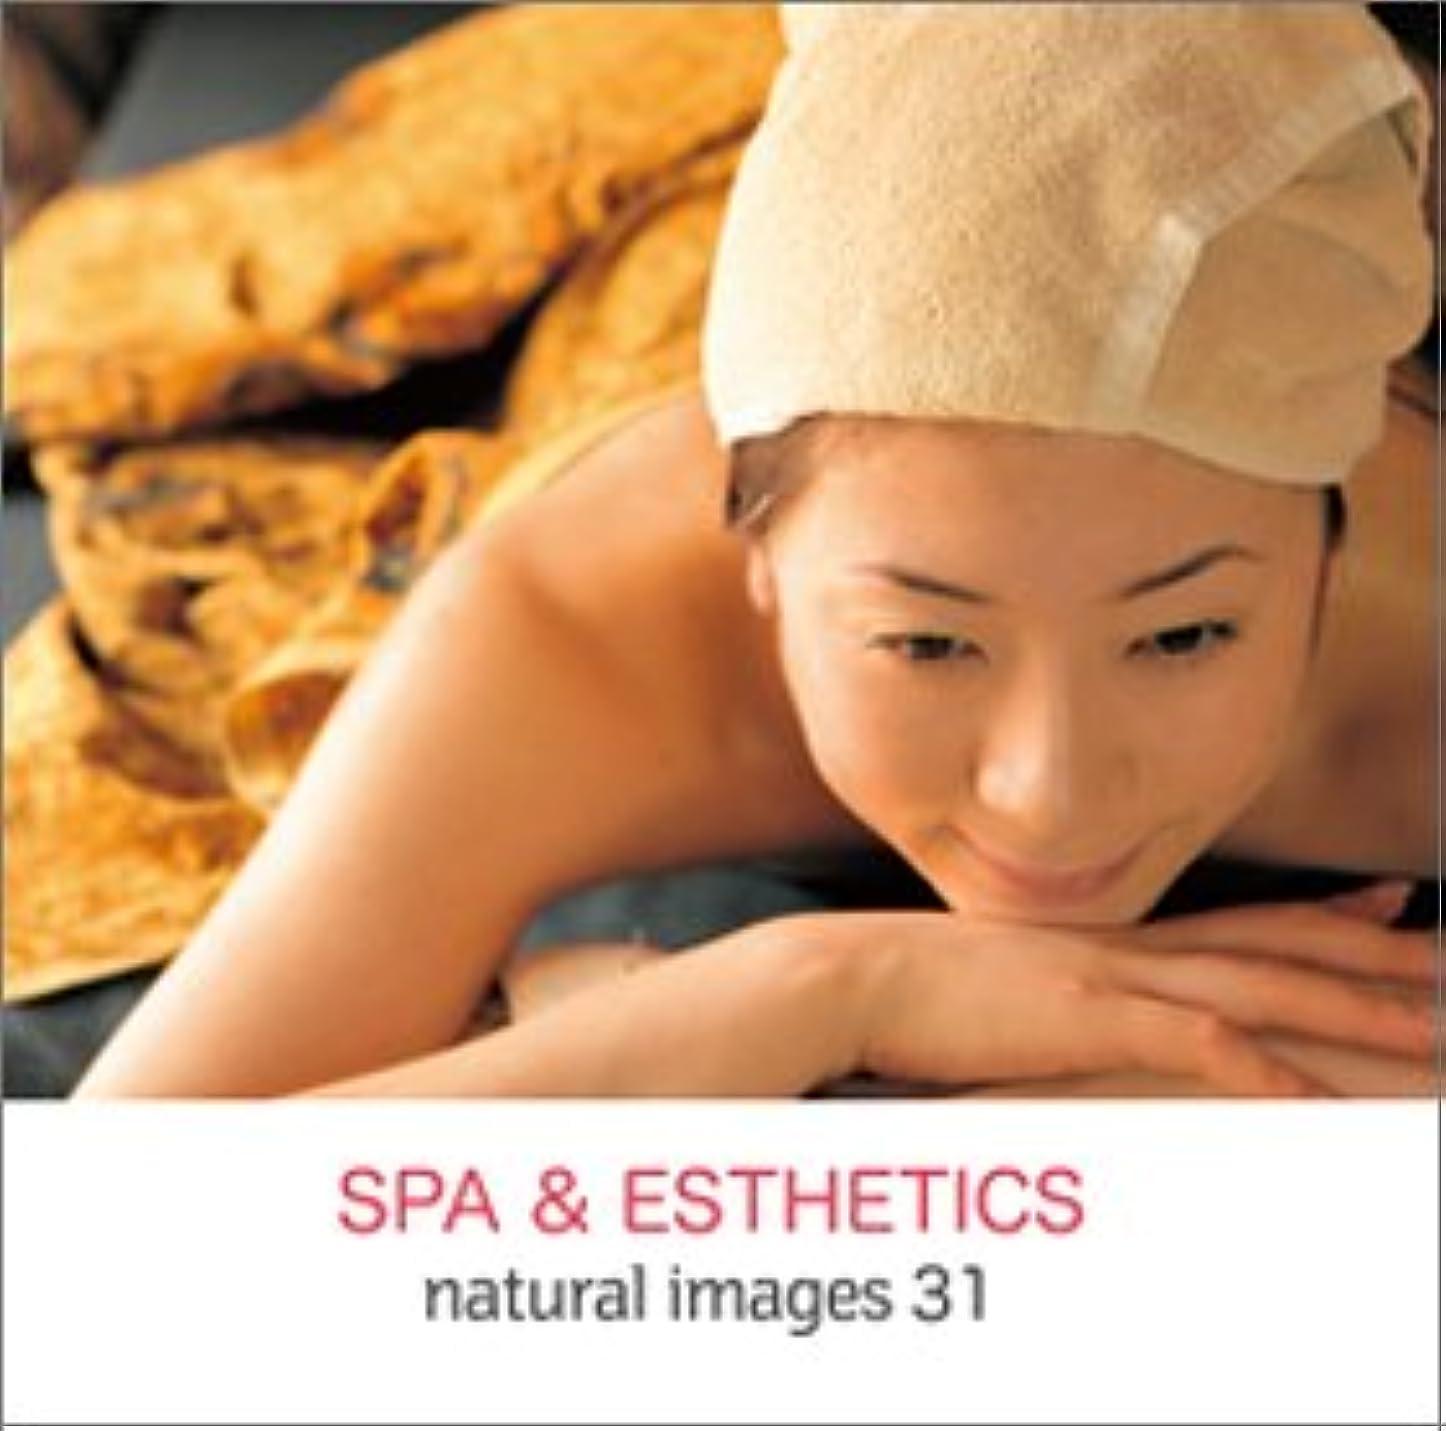 トイレ申し込む期待natural images Vol.31 SPA&ESTHETICS